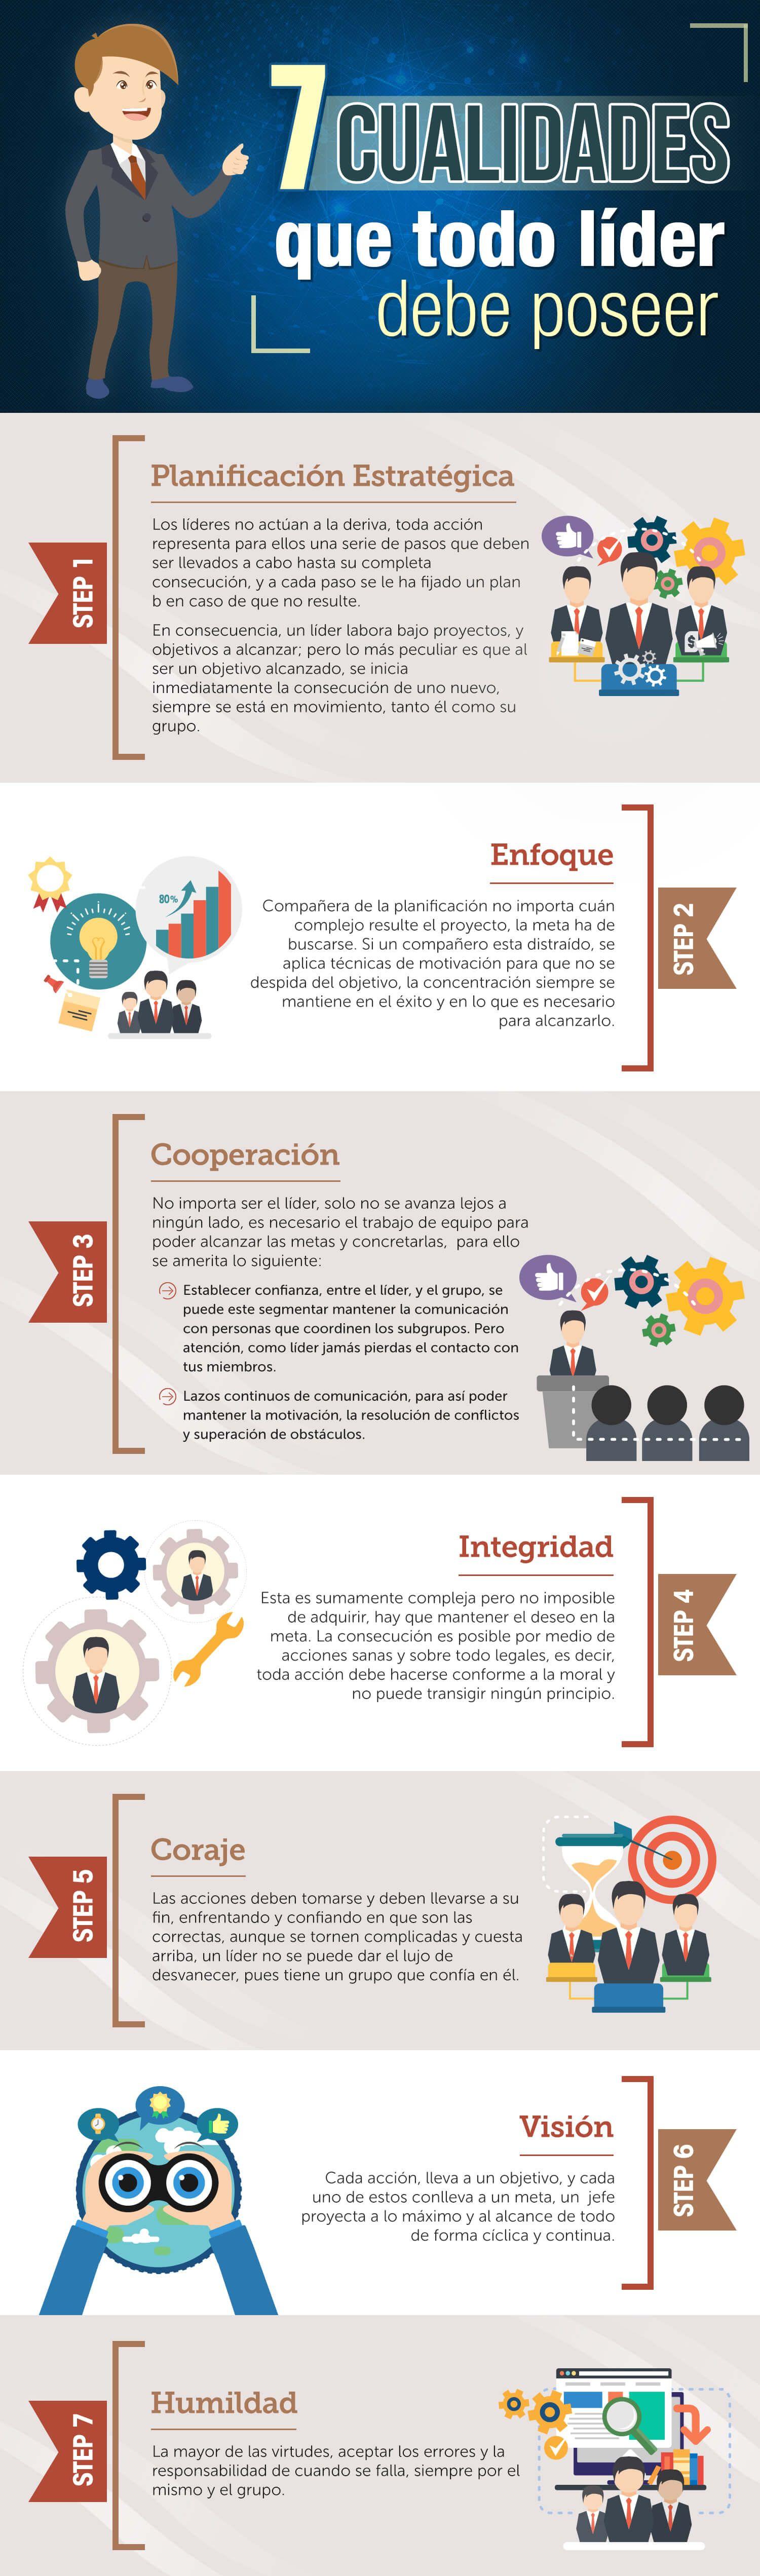 alt - https://static.comunicae.com/photos/notas/1189651/1505952939_Cualidades_Lider_liderazgo.jpg